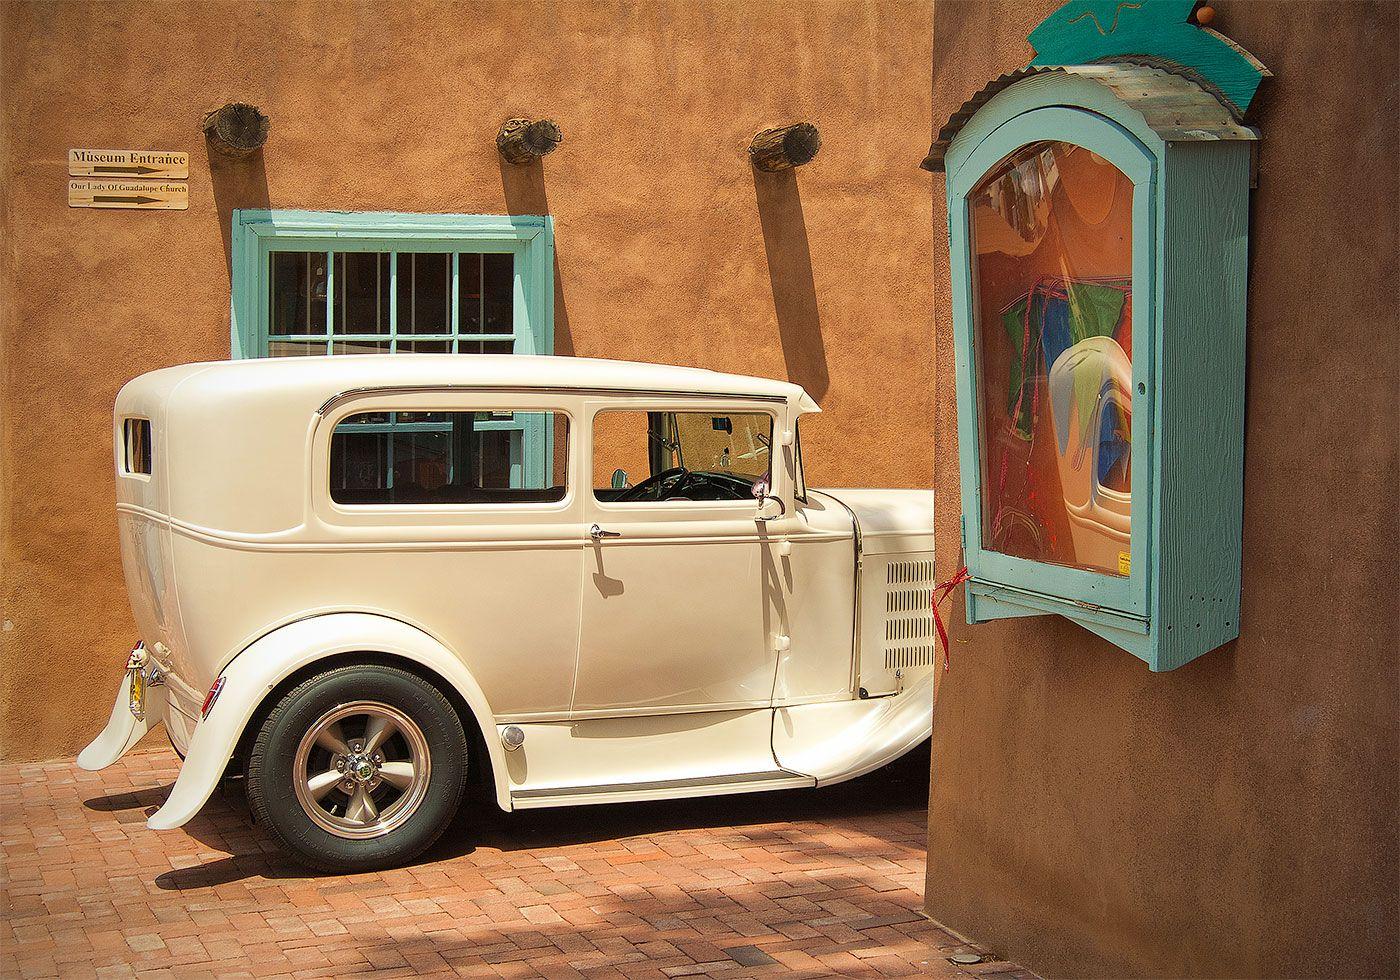 Old Town, Albuquerque, Classic Car | New Mexico Photos | Pinterest ...